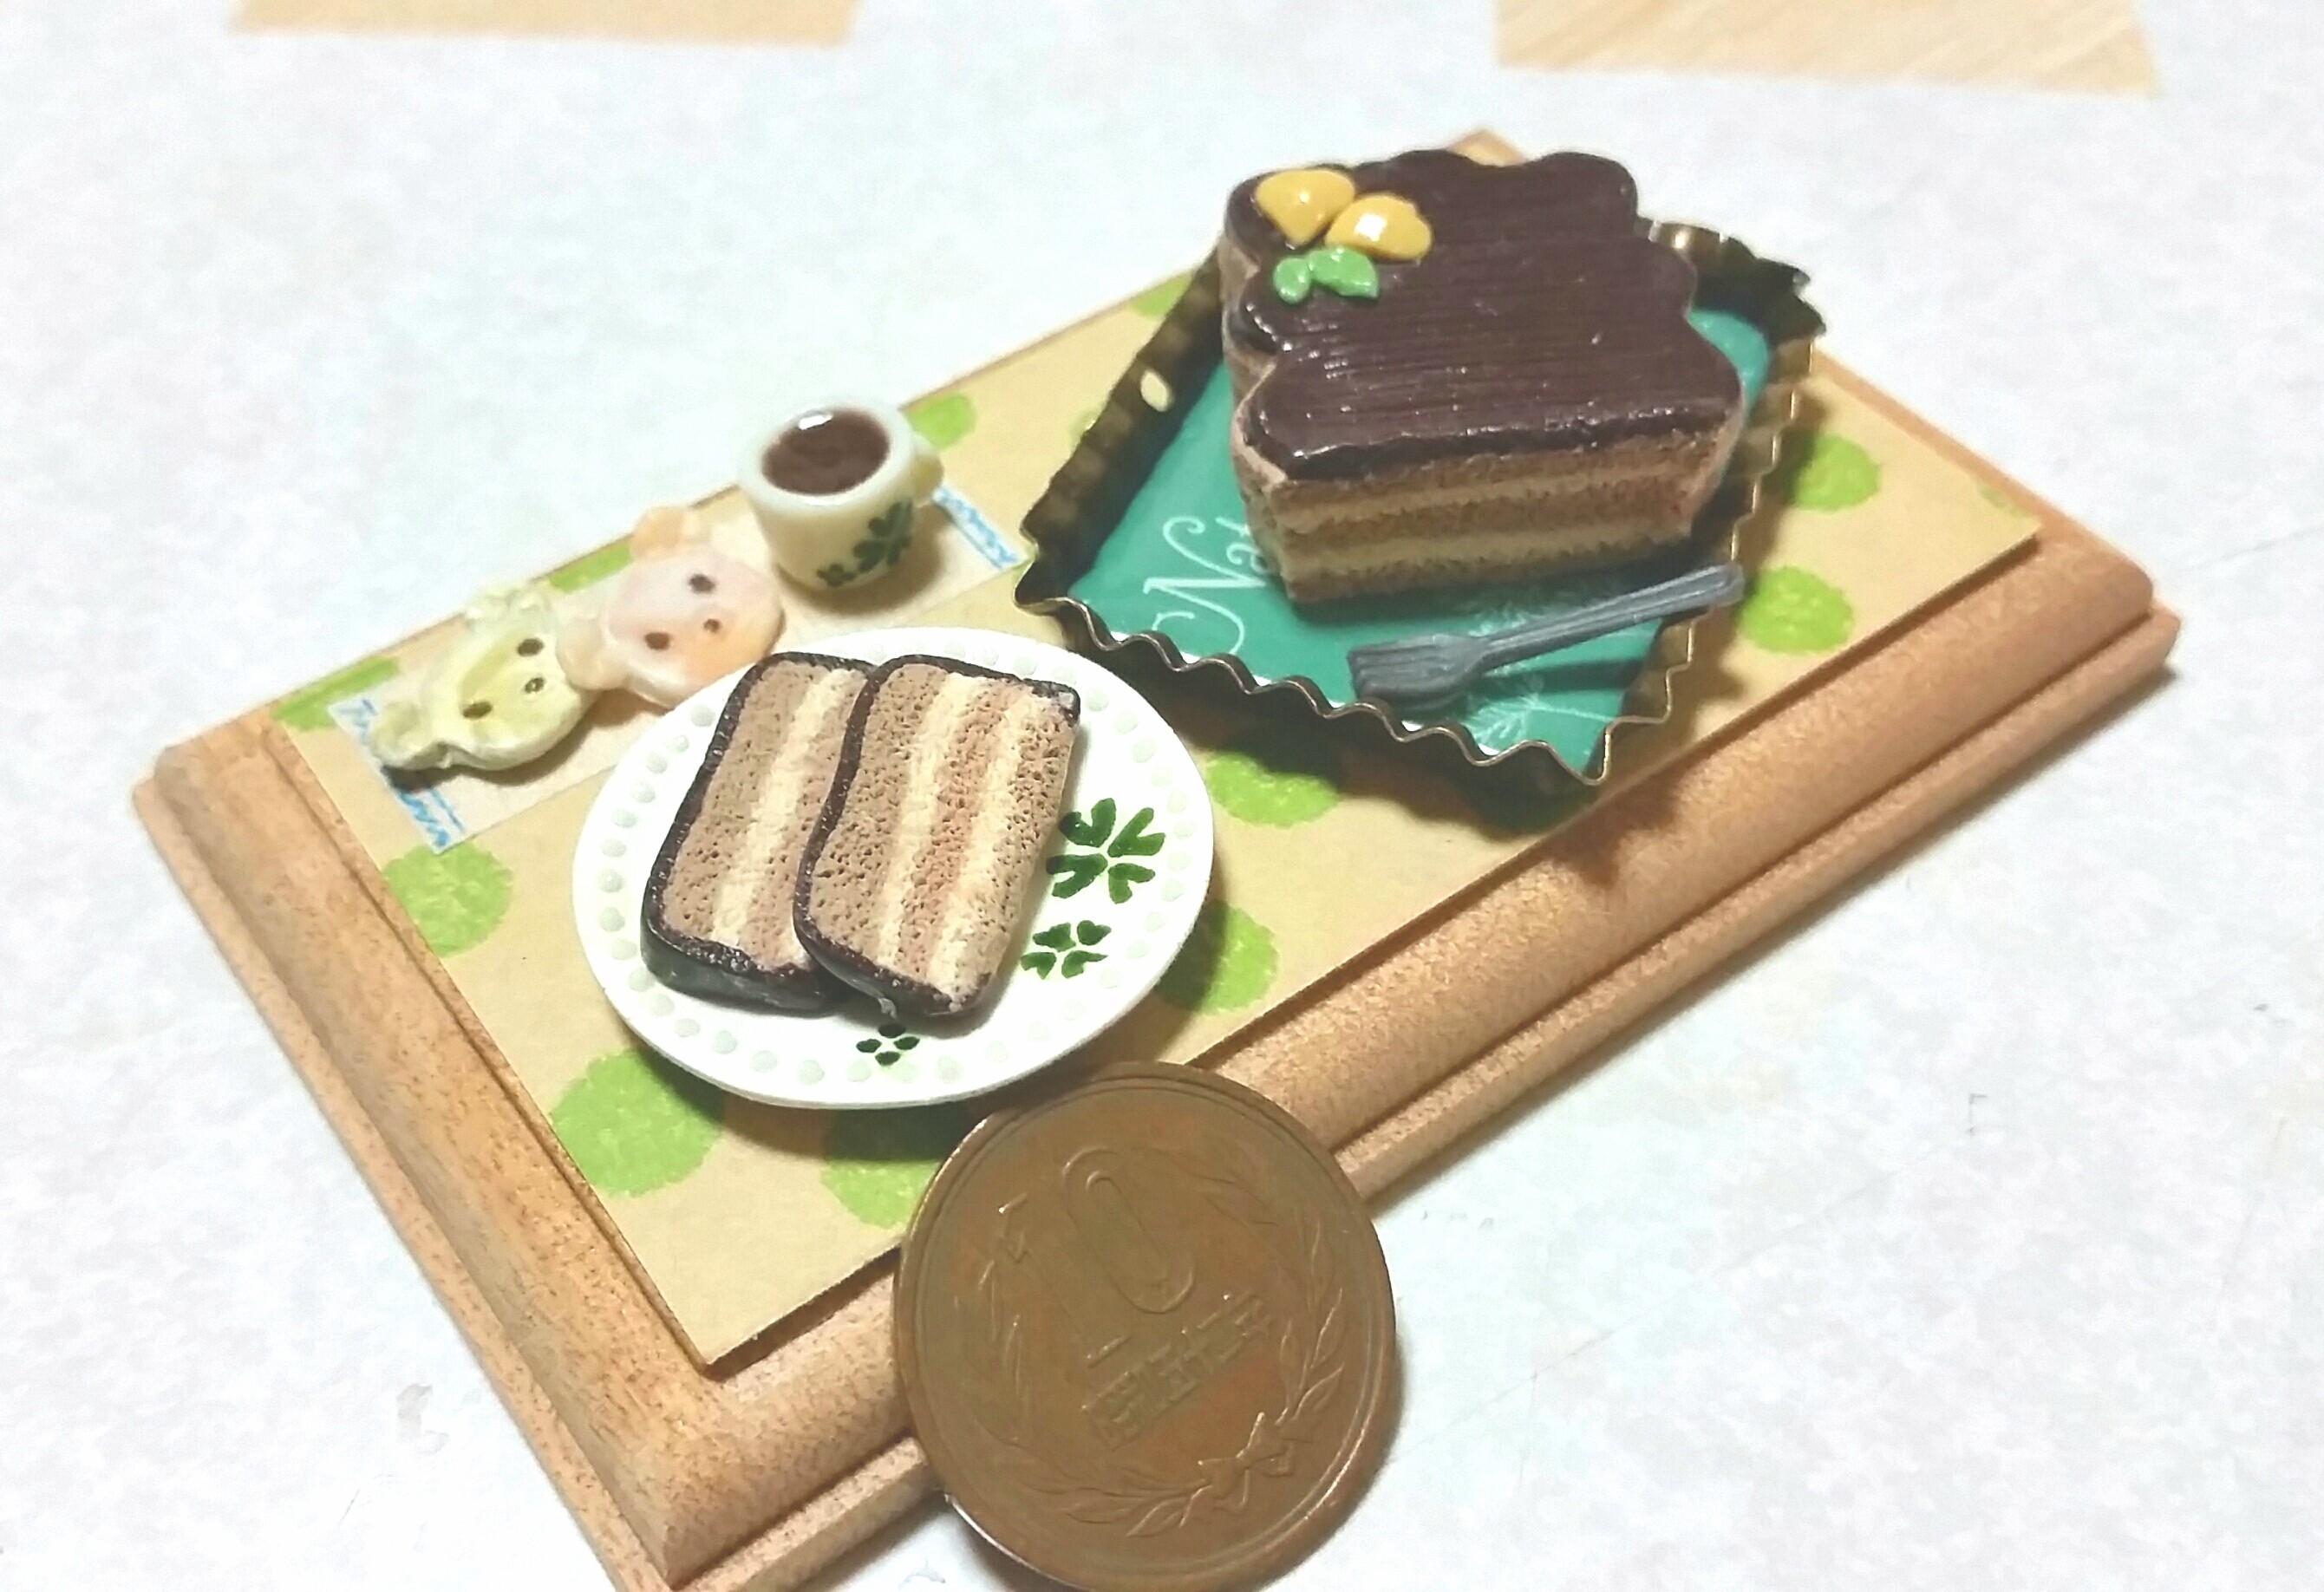 ミニチュア,チョコレートケーキ,樹脂粘土,ミンネ,スイーツおやつ